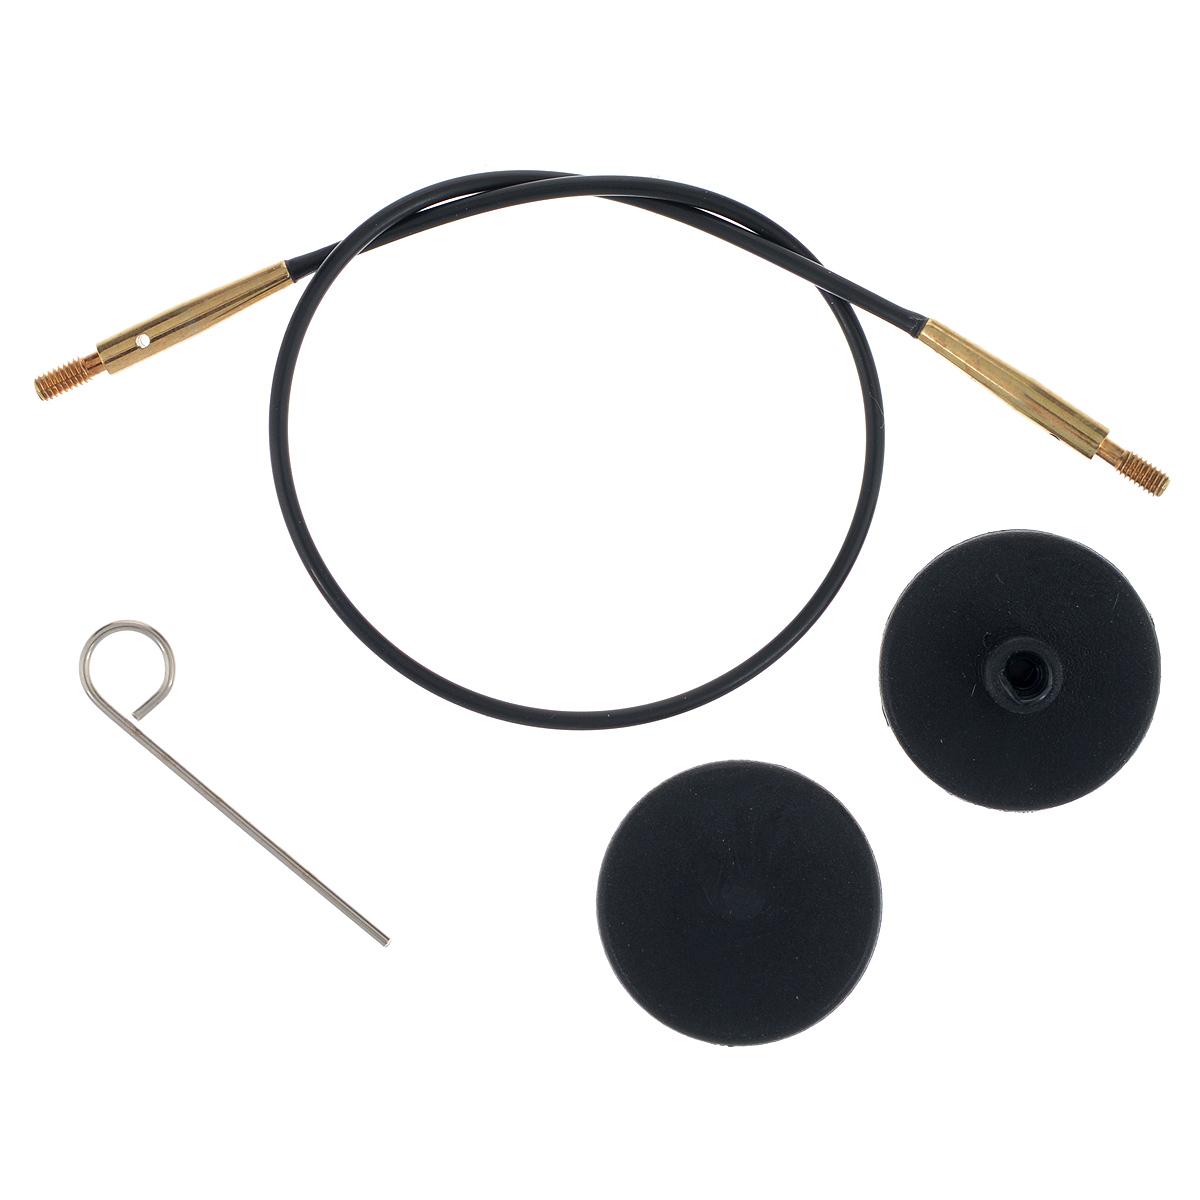 Тросик для съемных спиц KnitPro, с заглушками, цвет: черный, золотистый, длина 20 см10531Тросик KnitPro, изготовленный из гибкого пластика и металла, легко комбинируются со съемными спицами. Для надежного соединения со спицами тросик комплектуется ключиком и двумя заглушками. Подходит для любого вида съемных спиц: деревянных, никелированных и акриловых фирм KnitPro, Prym и LanaGrossa. Изделие моментально распрямляется и больше не закручивается. На концах тросика - резьба для прикручивания его к спицам. Место соединения спиц и тросика - надежное и гладкое, ничто не помешает петелькам скользить по спицам. Если необходимо использовать спицы для вязания другого изделия, просто открутите их, прикрутите заглушки к тросику и принимайтесь за новое вязание! Длина тросика: 20 см. Длина тросика (с учетом длины съемных спиц): 40 см.